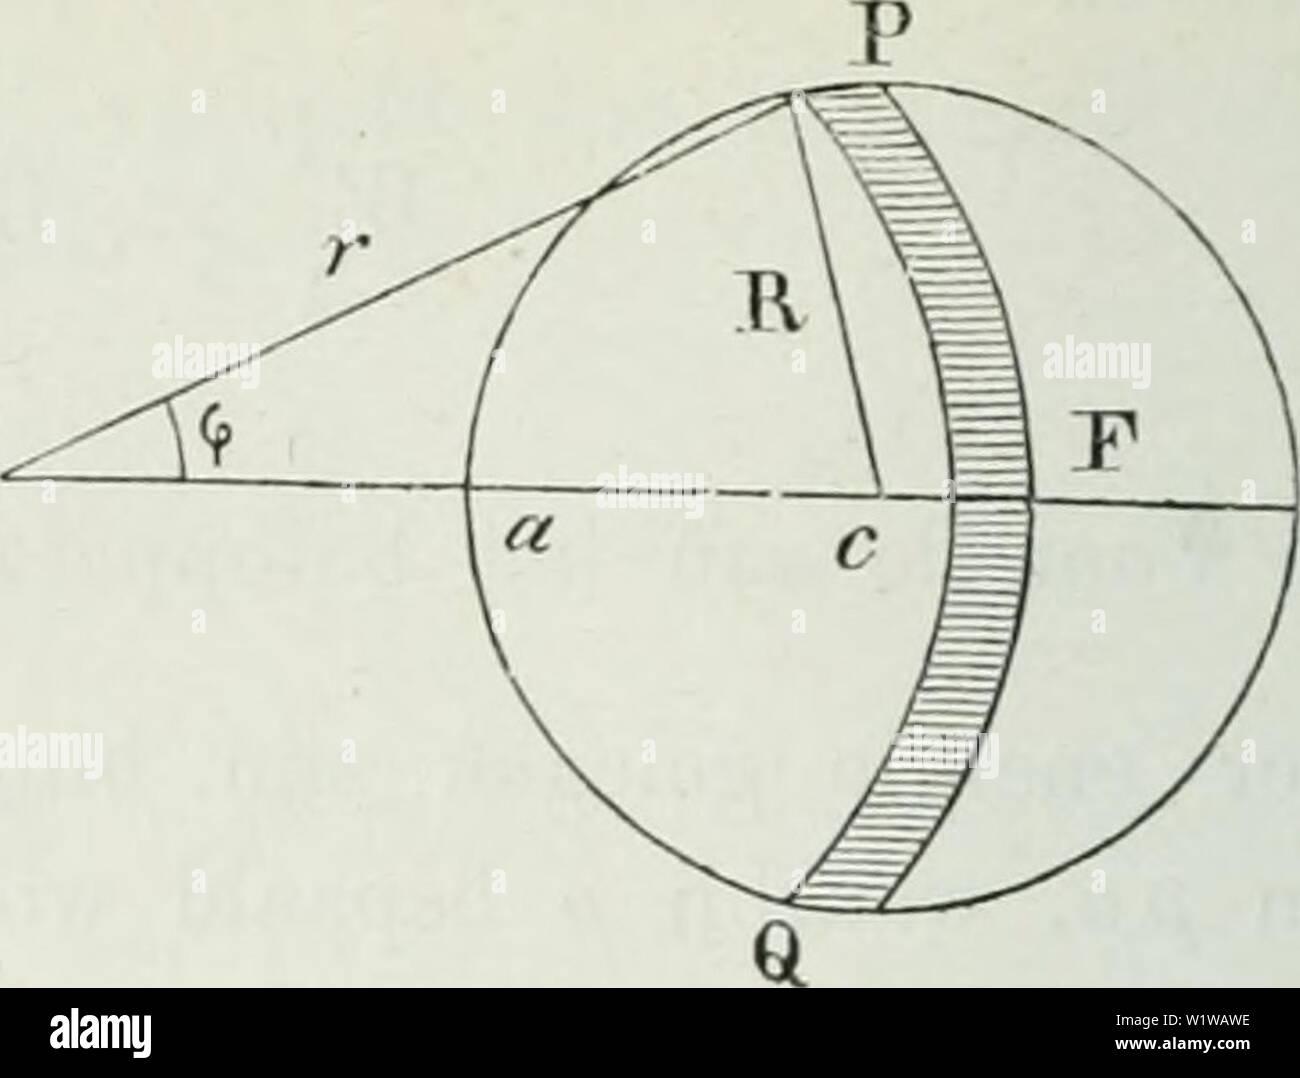 Image d'archive à partir de la page 651 de Verslagen en mededeelingen. Verslagen en mededeelingen d1d2verslagenenm03akad Année: ( 0 ) Daar R2=rz + n?Rzâ rRcostp2?i, r2 volgt . w2 RÃâR2 COS 0 rp â , ó n r k 1 f (cos â â (R2 r n r)22 de la SLA 4 NR R 1 â â 1 cos (f2 x 7 nR z= se R, âTT' ' = . 2 4n(n -- .r), l'examen DHS dans gevolge (42) voor het habitude RFQ der schil, &Lt;?2 1 â coscp dr q2 (1âx2)dx dW' = zoodat dW' â r ' 2 (n + 3)n° {lâa W-)dx . _{G 4n n + xf ' W ~2i2; en voor de energie in den geheelen bol om C W f 4rc / (w -f- #)3 â waarvoor hommes vindt, daar n = â, W' =?= # a + R 4RA2 R2 2 â â un o r d, als Photo Stock